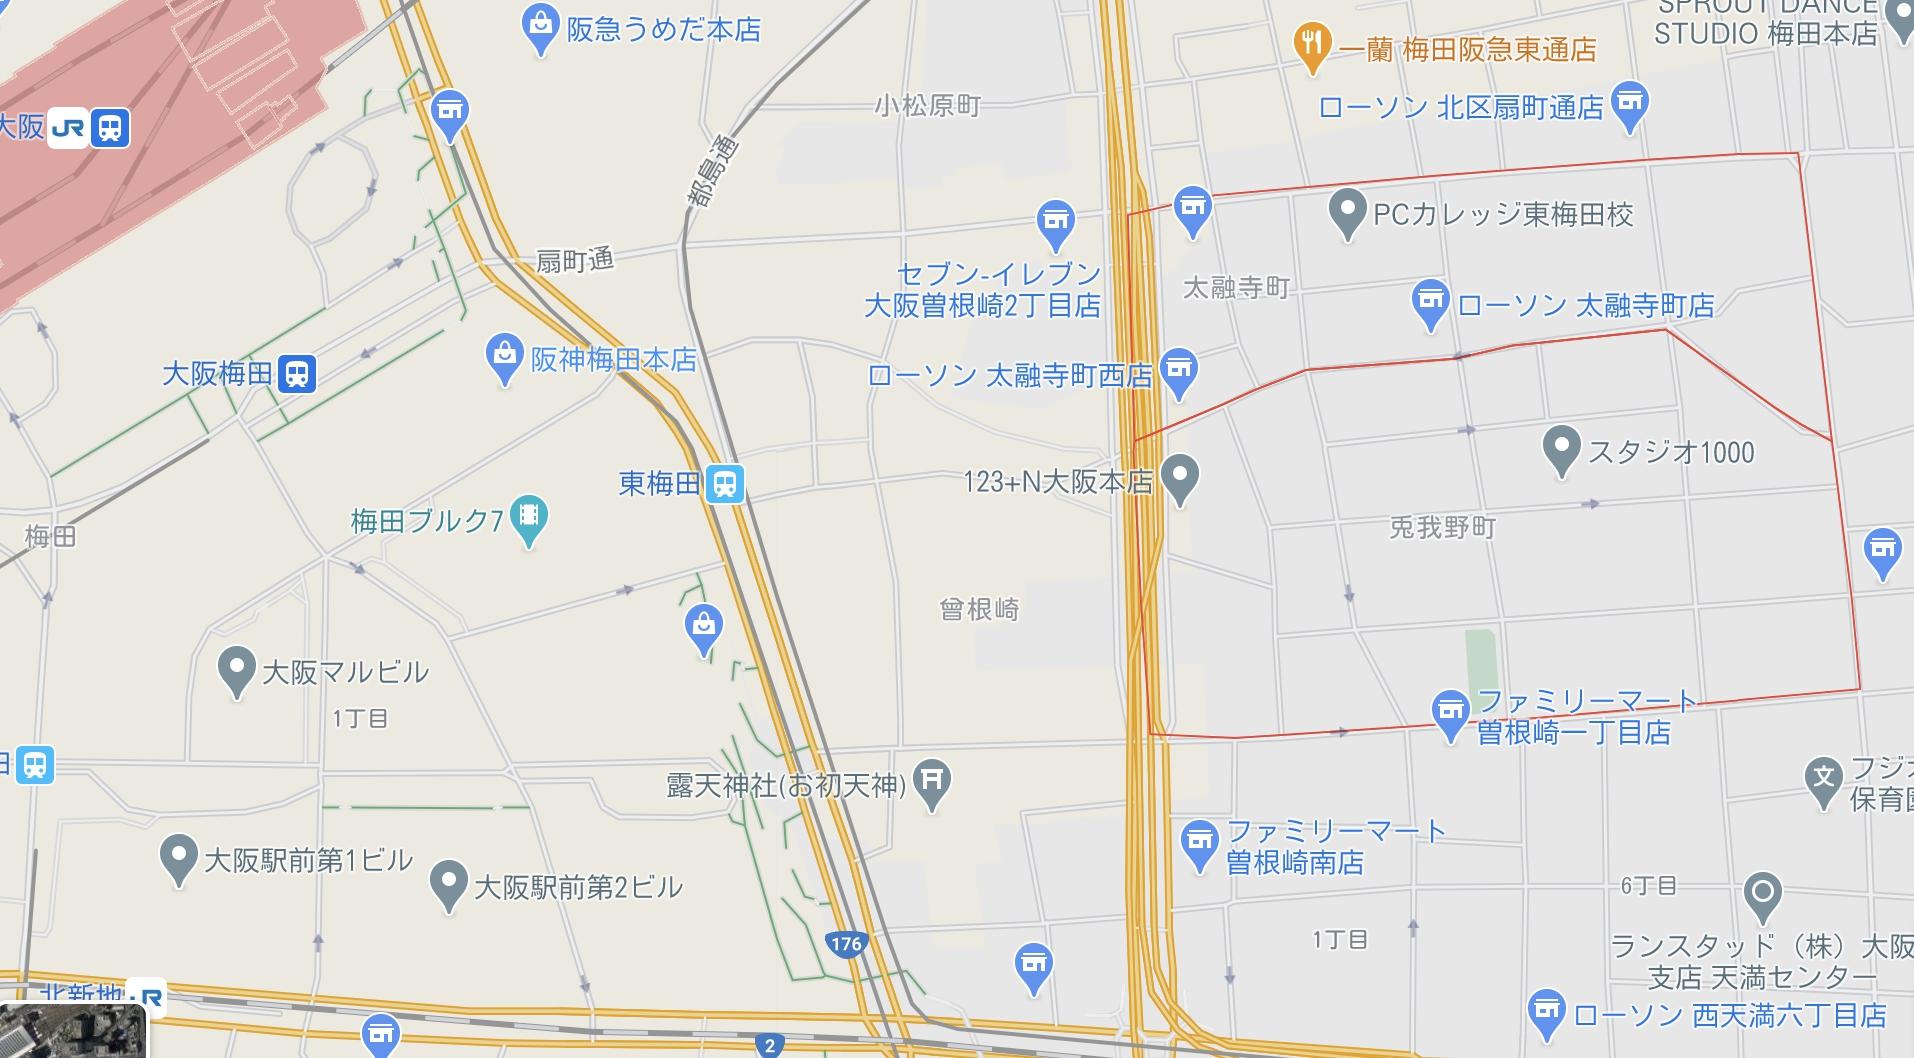 大阪駅前ビルから近いラブホテル